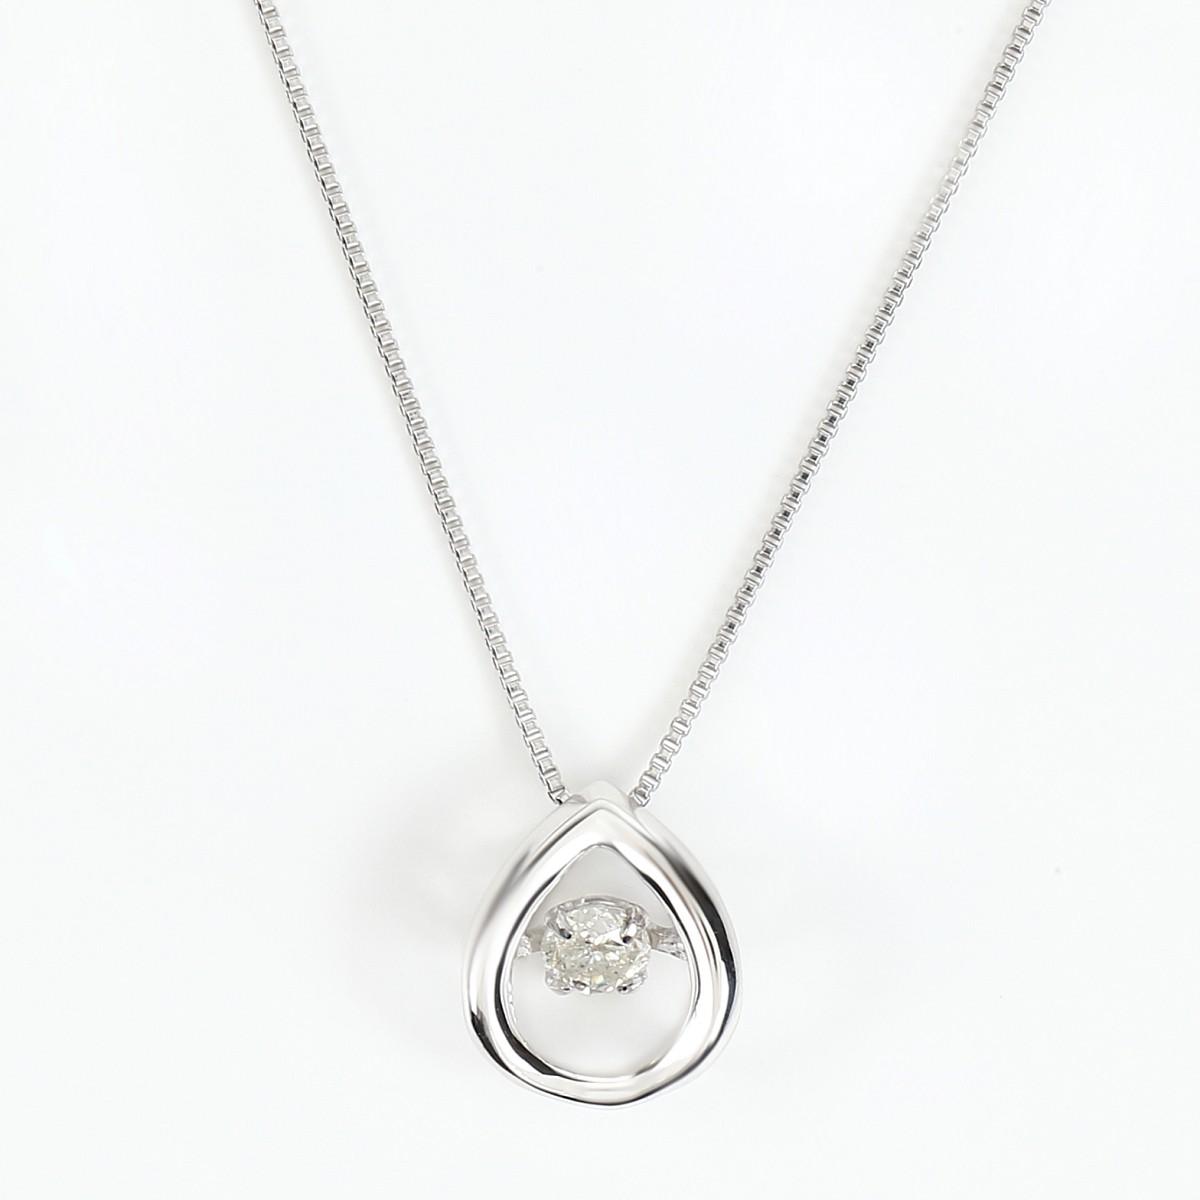 K18WG 揺れる ダンシングストーン ダイヤモンドネックレス ダイヤ 0.08ct (K18WG 0.5mm 40cm ベネチアンチェーン)